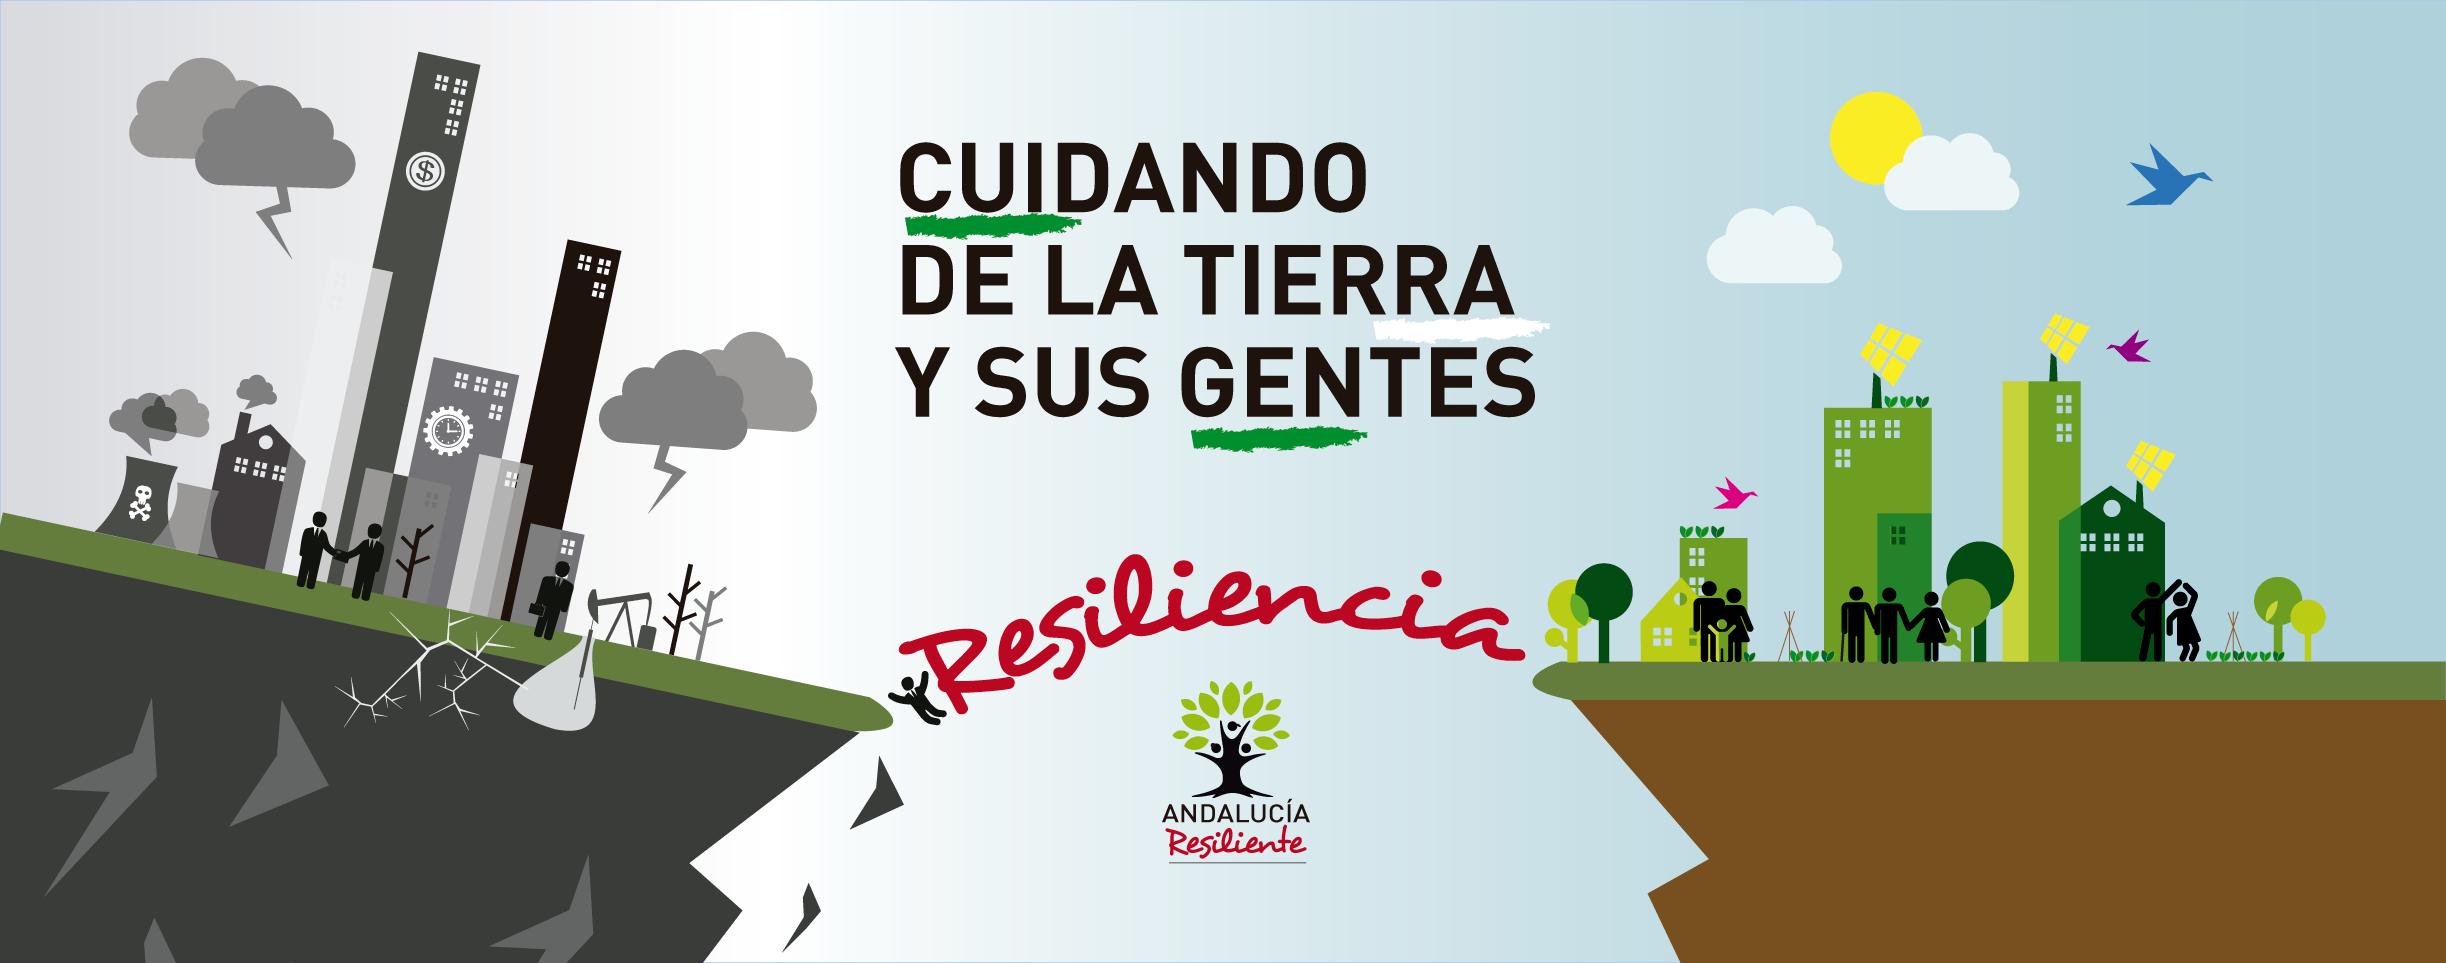 Campaña Andalucía Resiliente